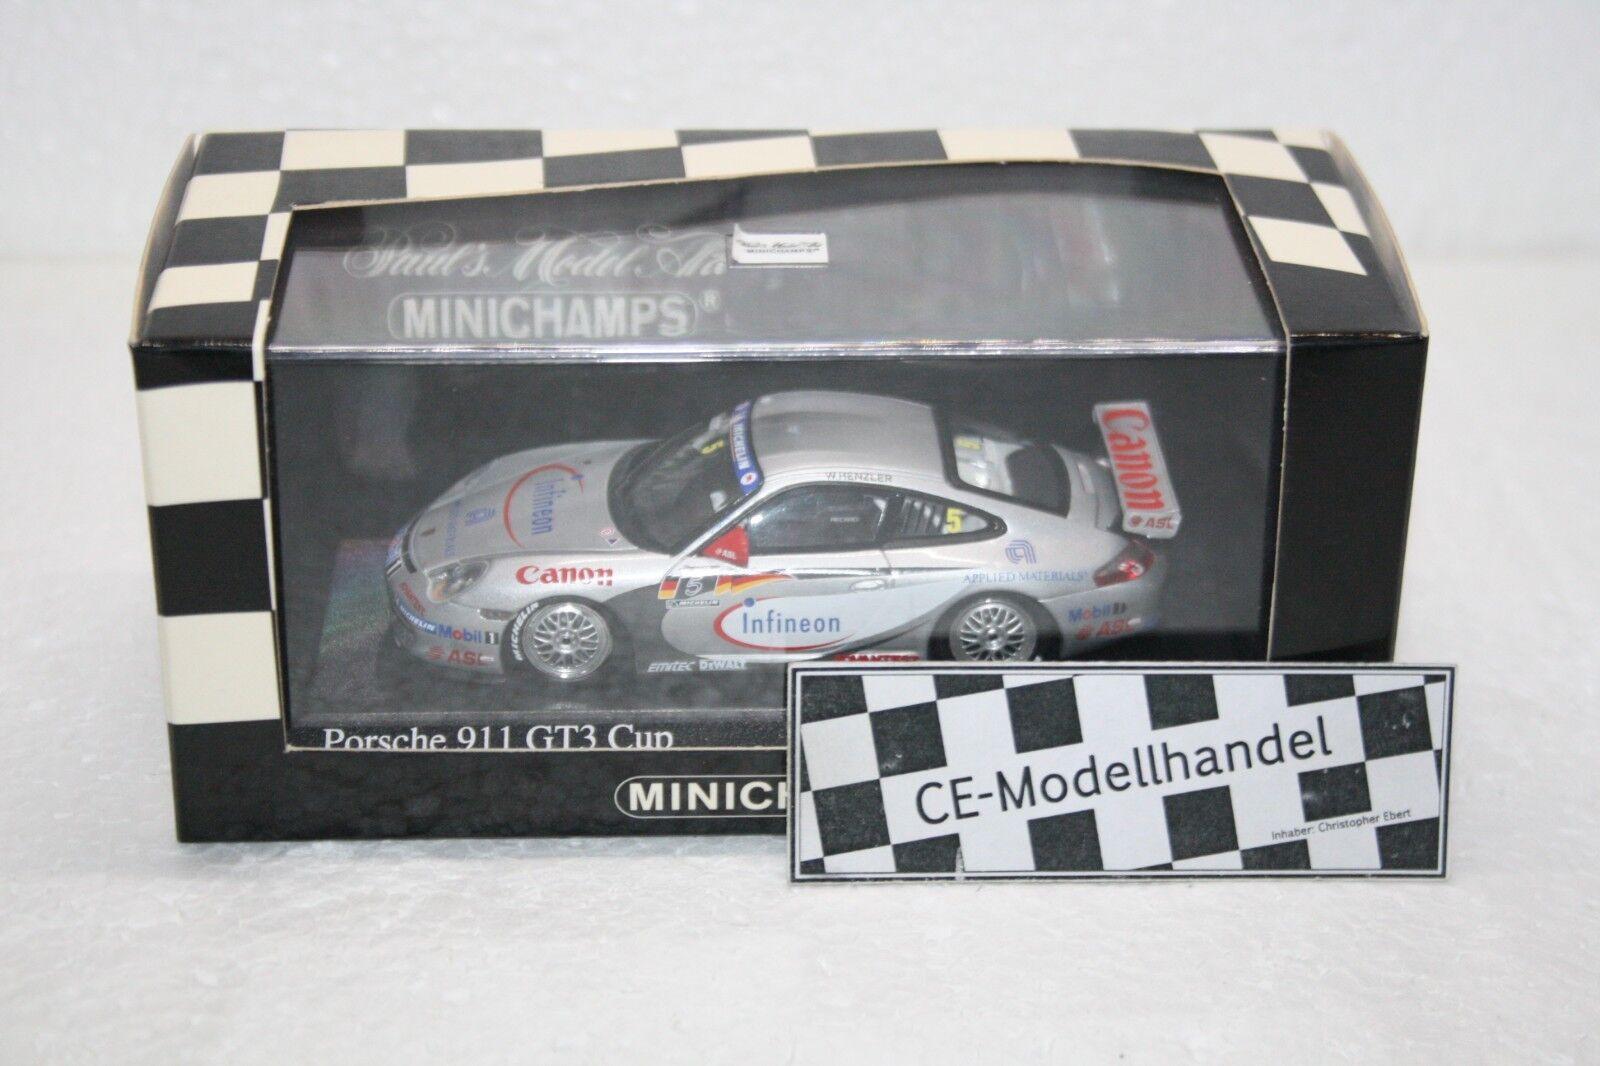 Porsche 911 gt3 CUP   5 W HENZLER Supercup Winner  2004  MINICHAMPS  1 43